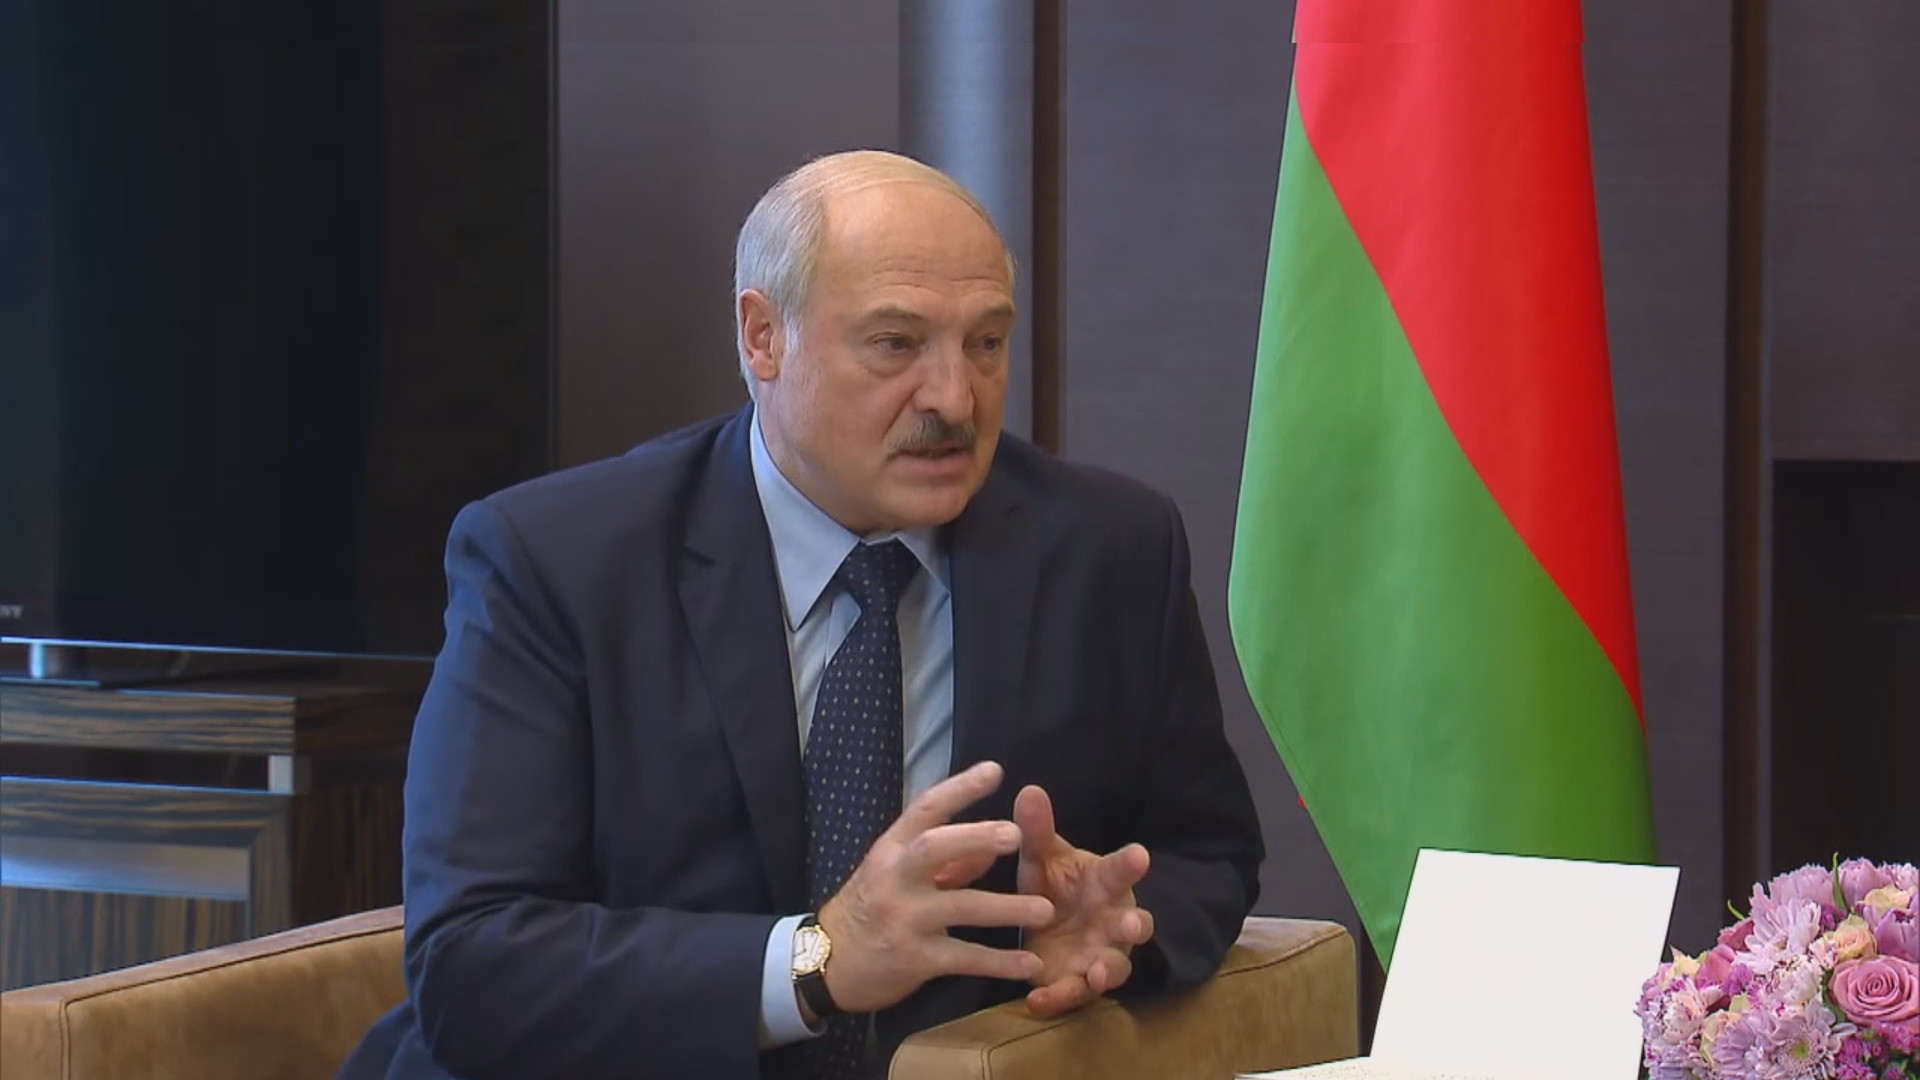 Łukaszenka: USA przygotowywały kolorową rewolucję. Plan miał siedem etapów